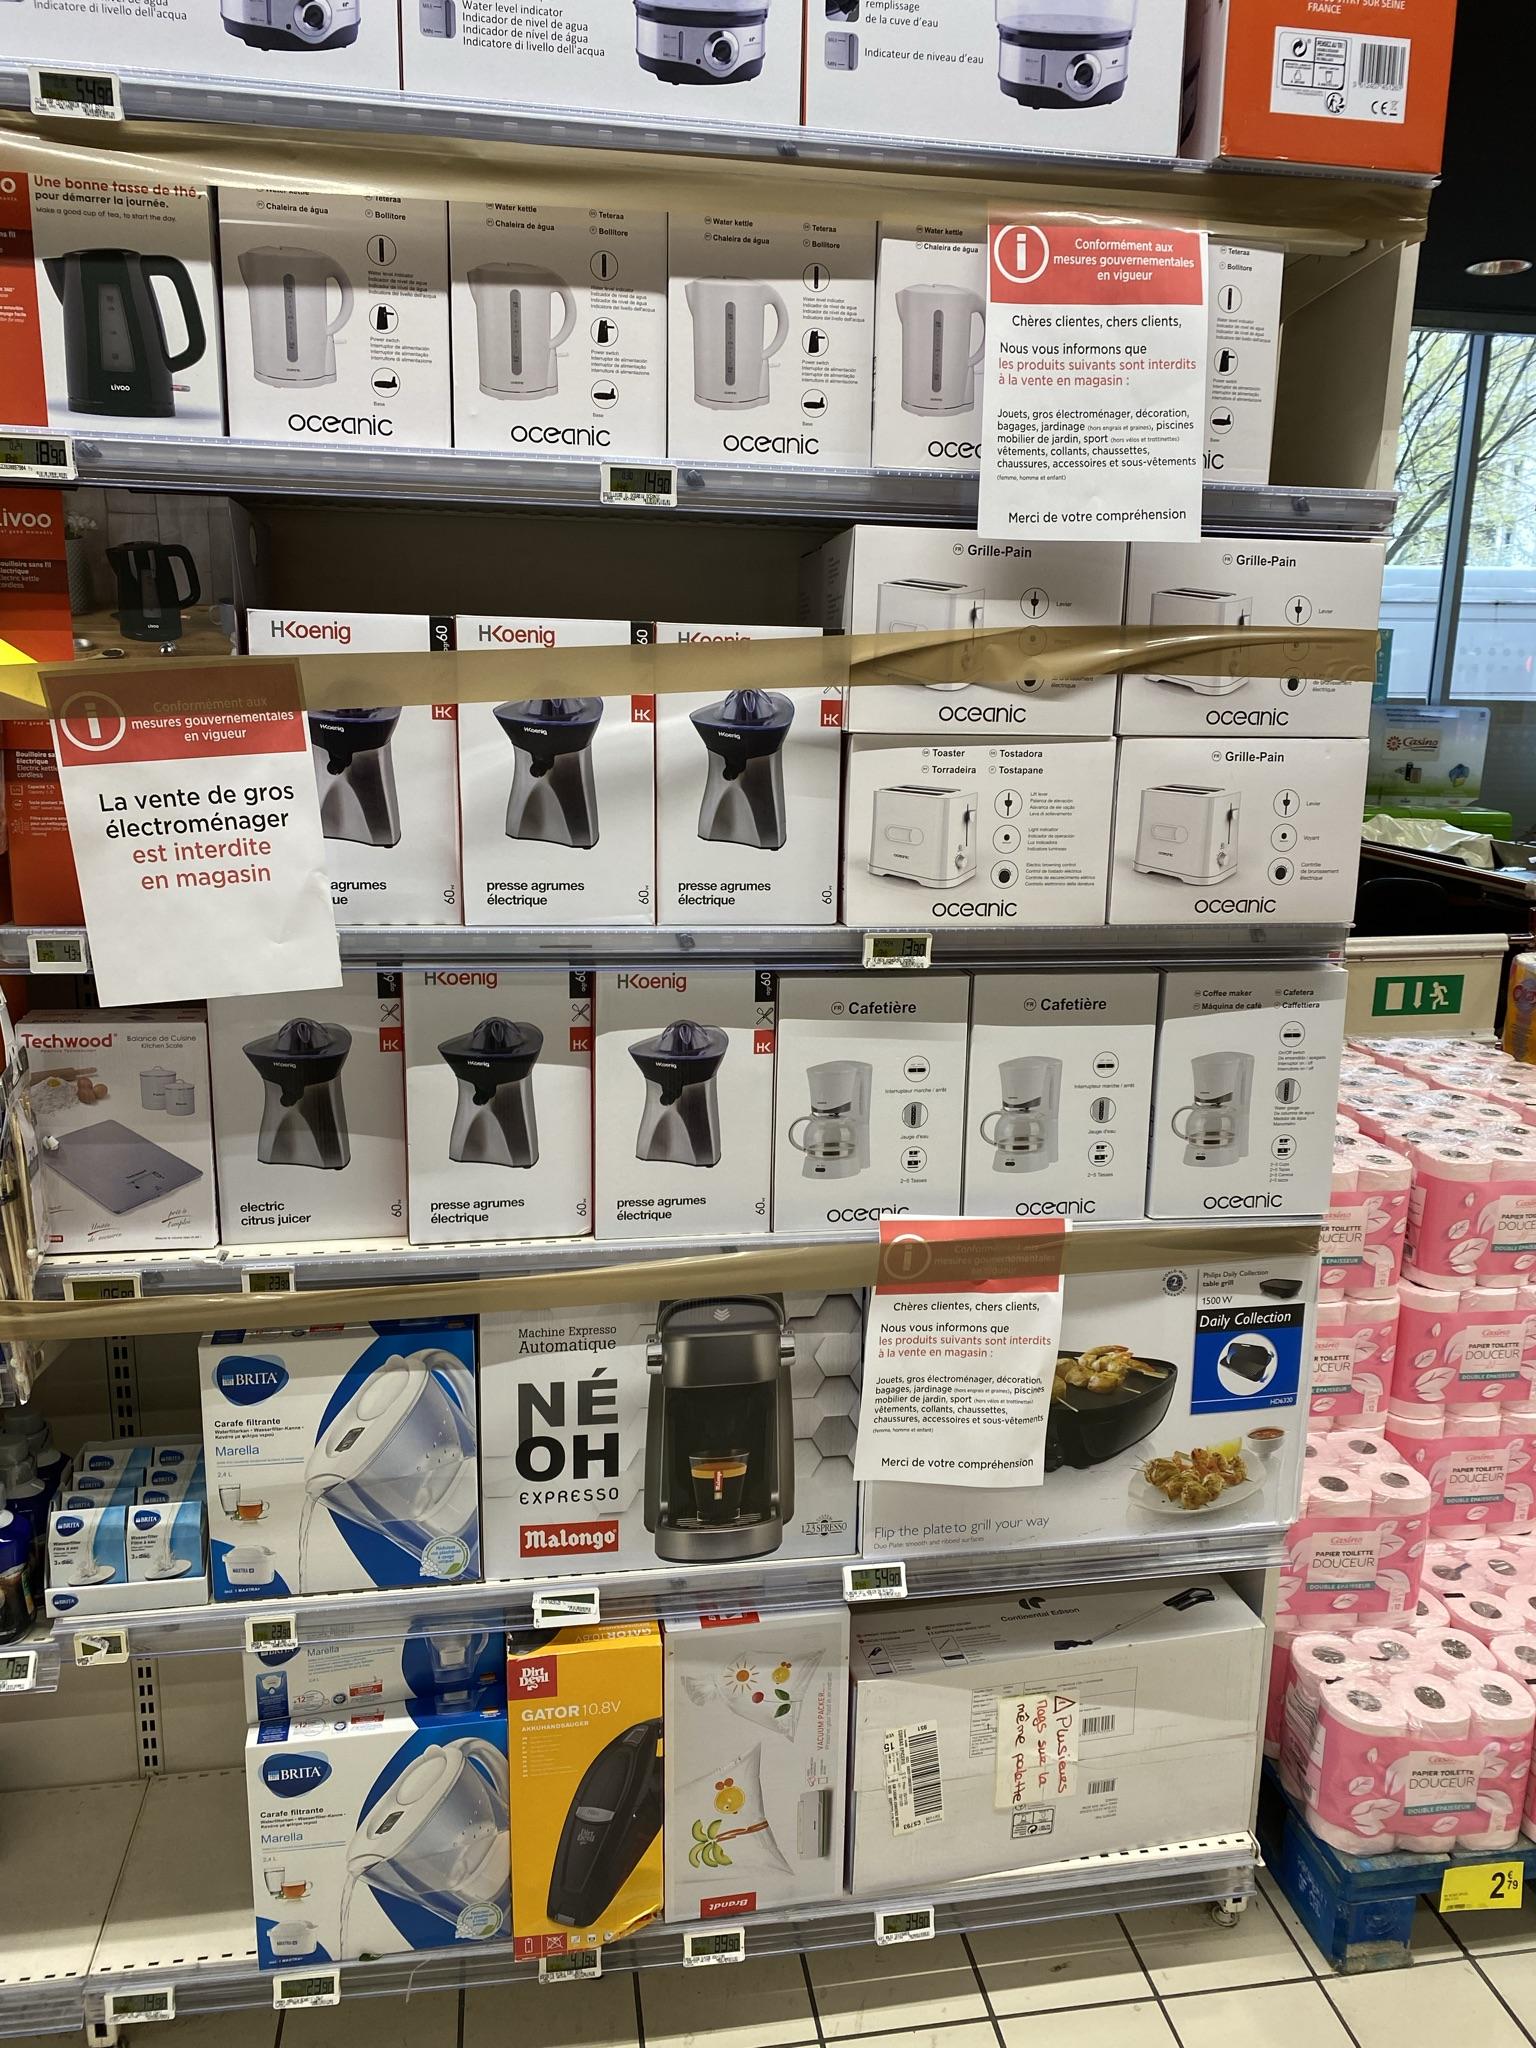 Продажа электробытовых приборов запрещена